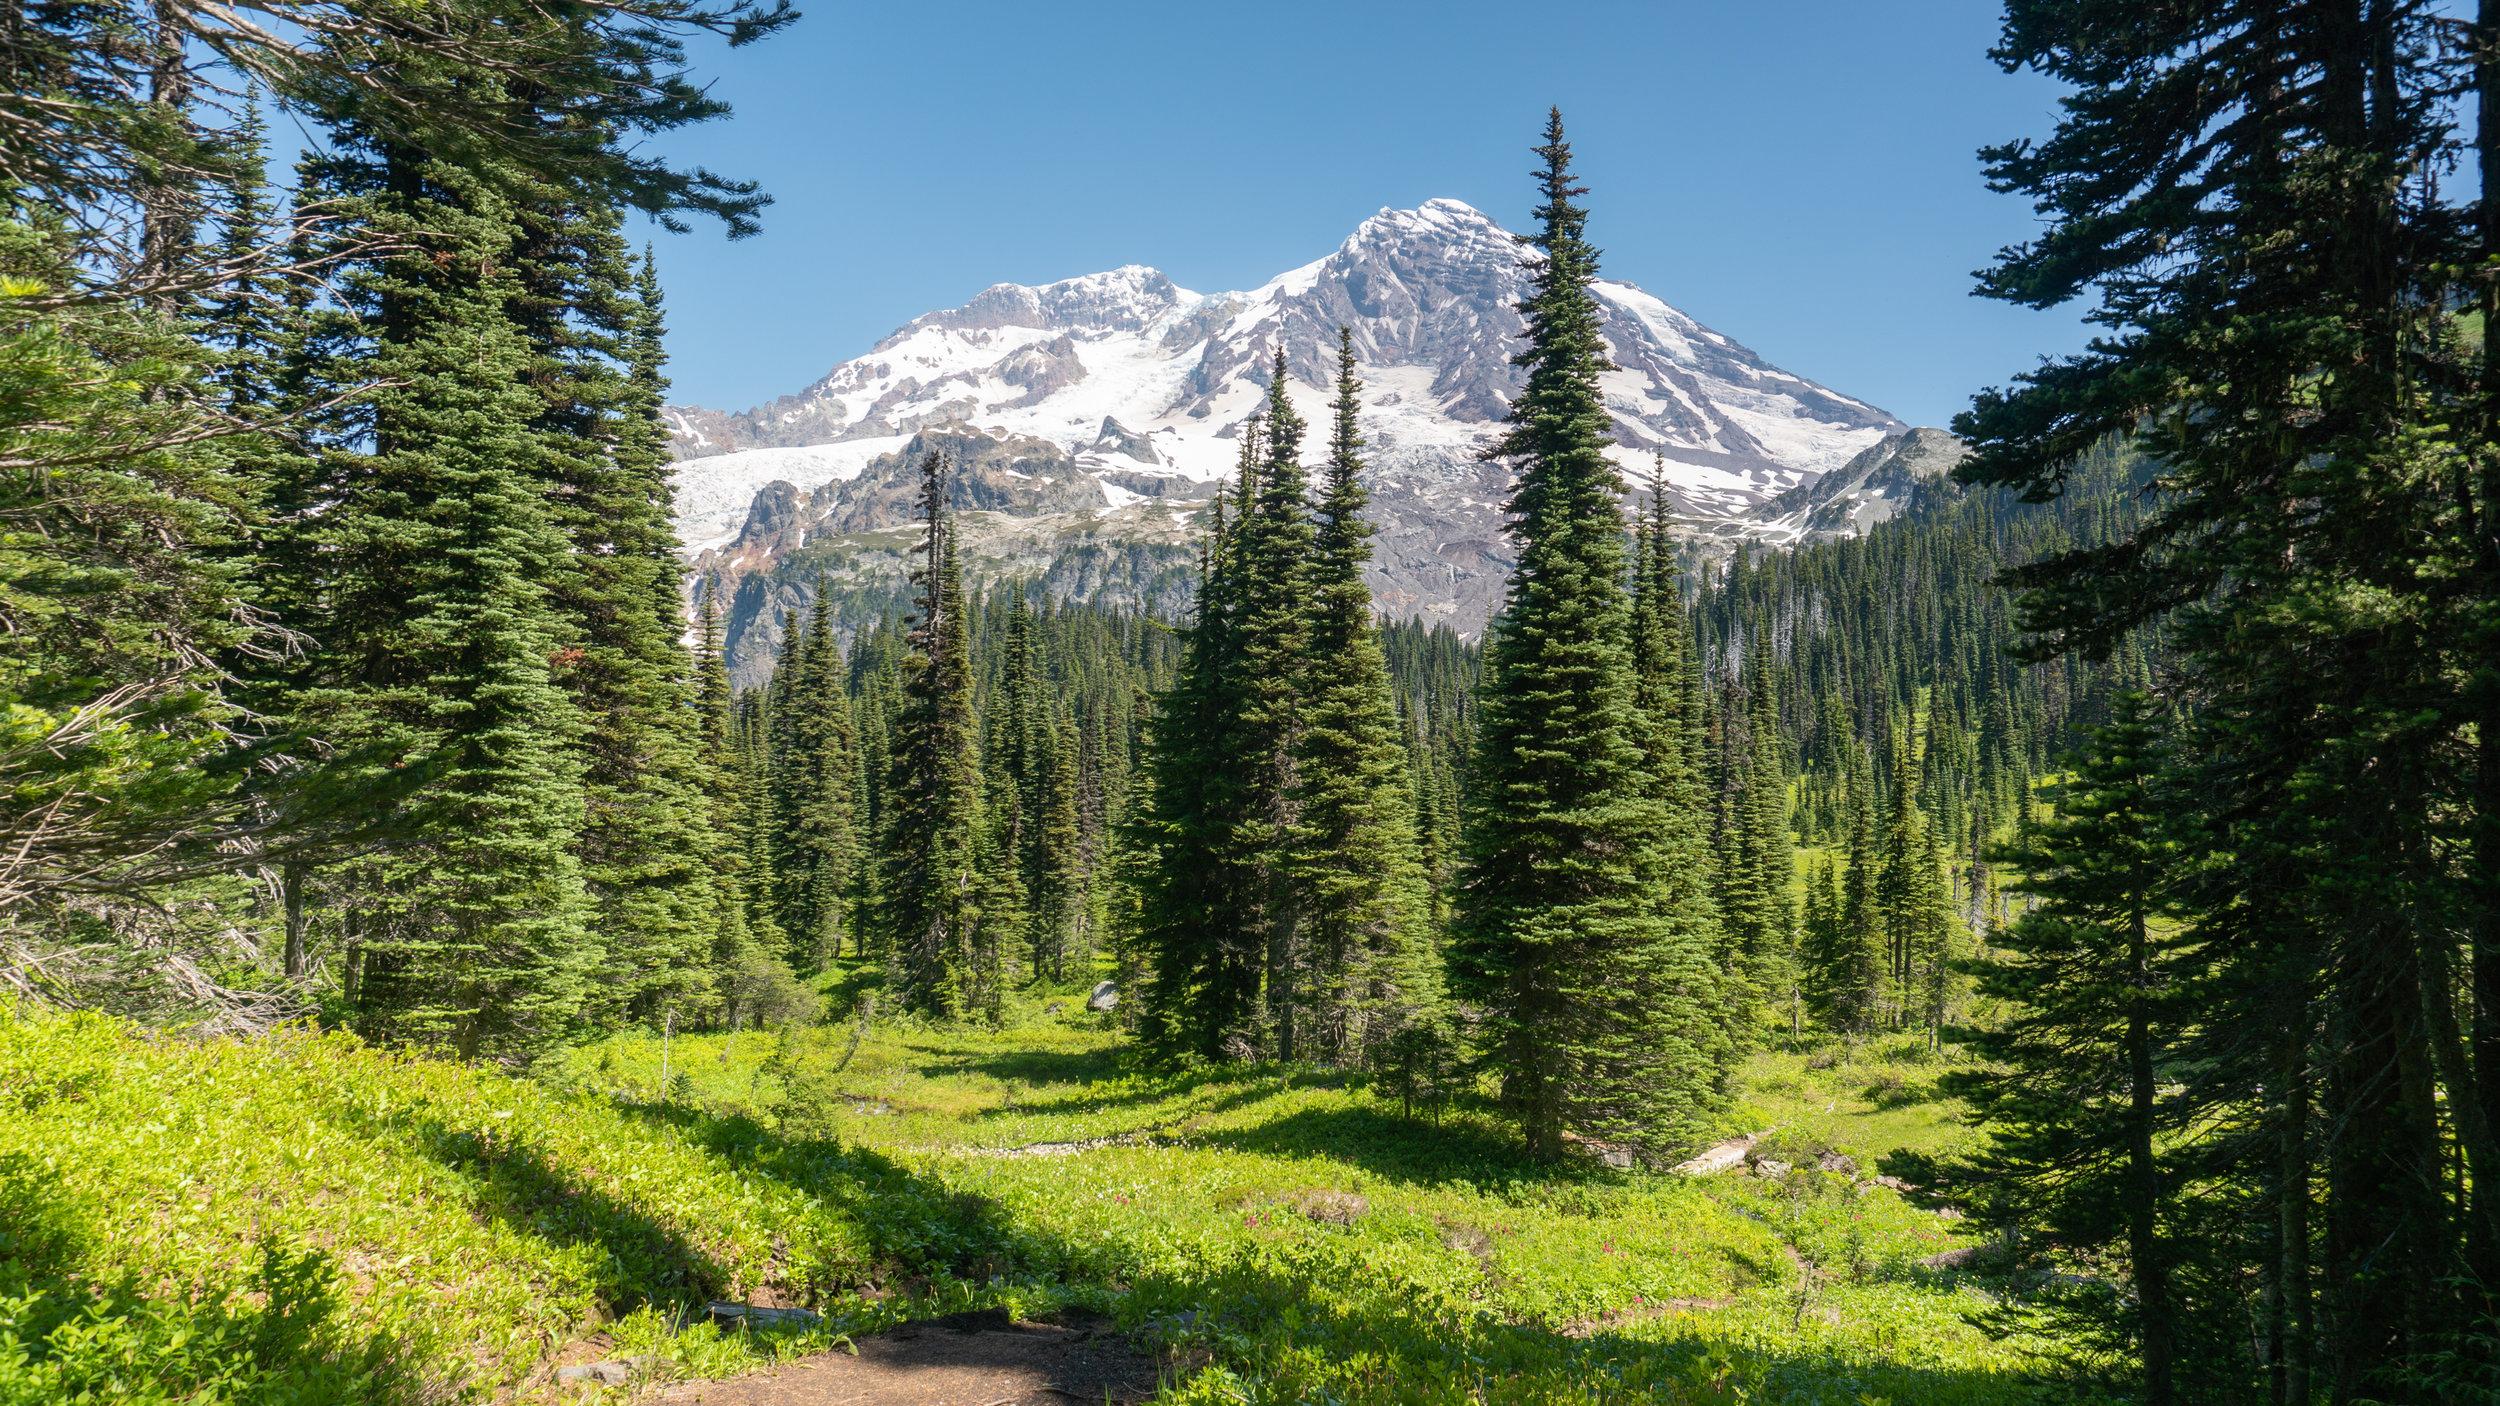 Mount Rainier on the way to Mirror Lakes